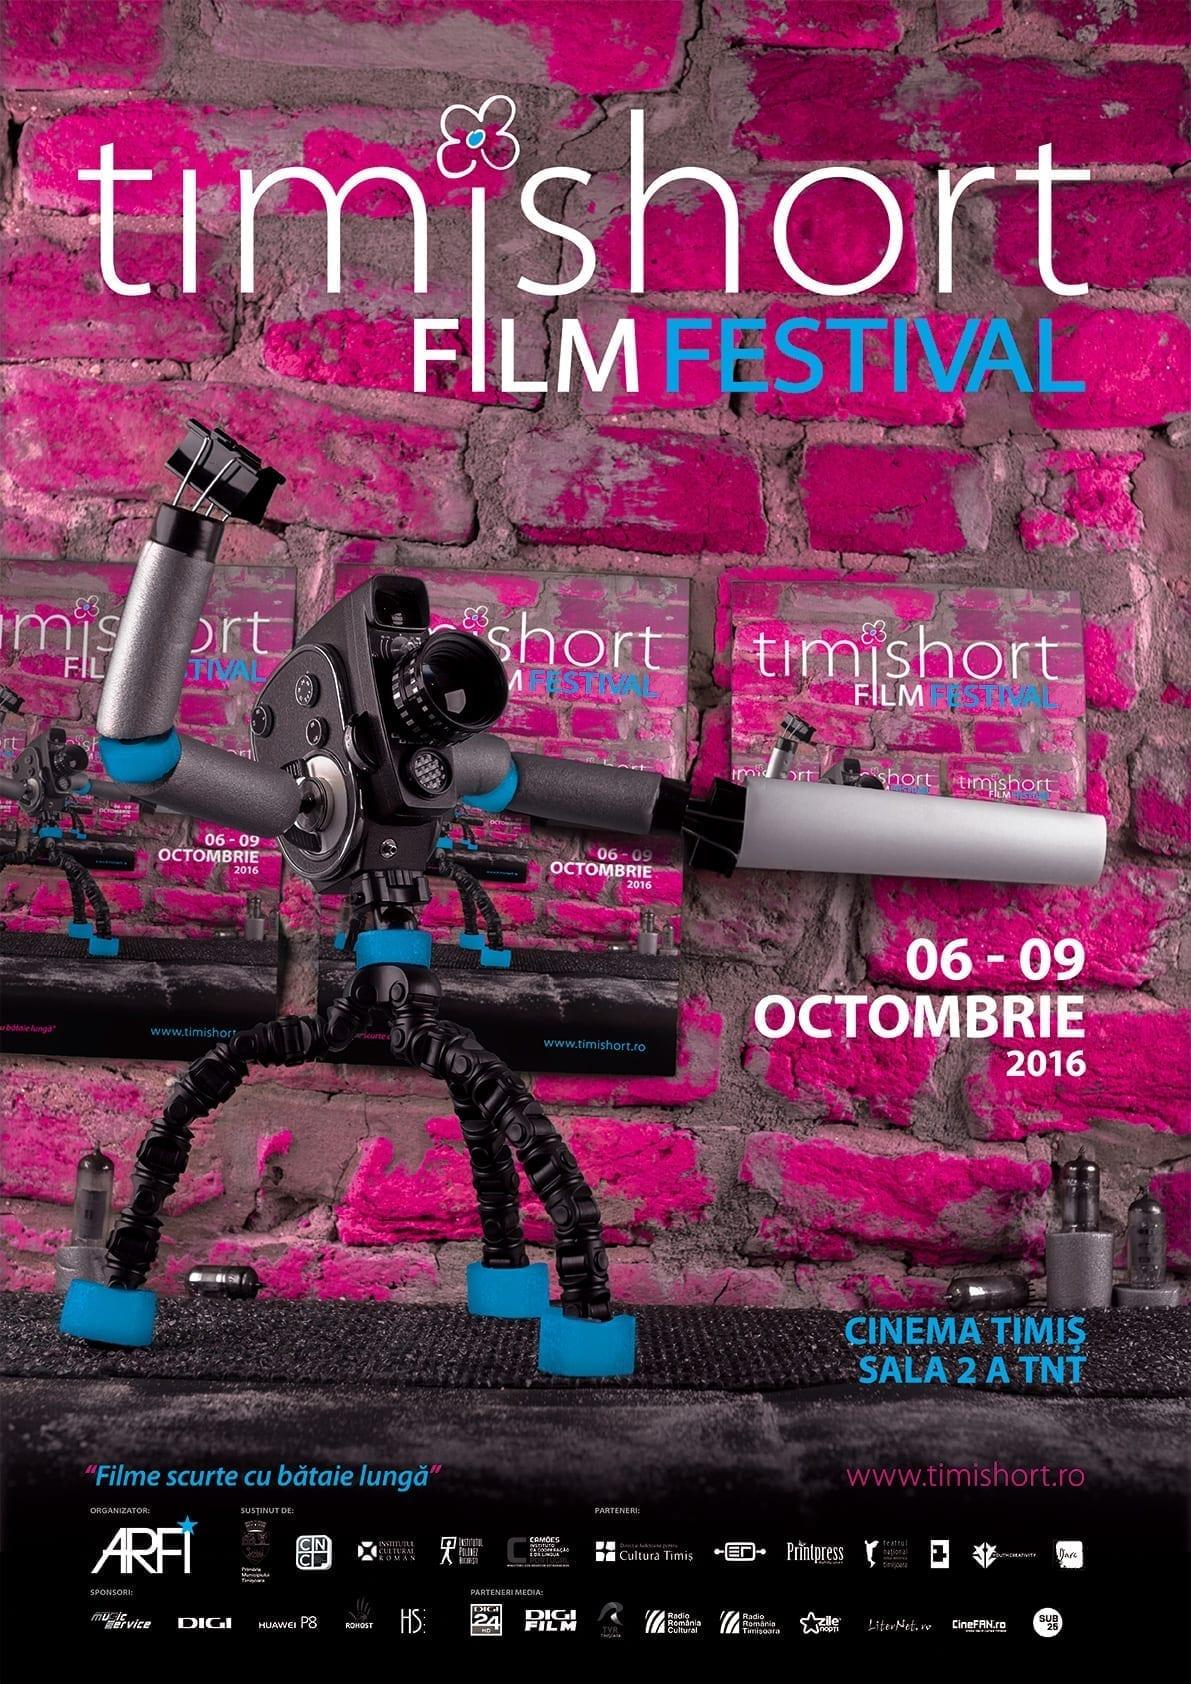 Timishort Film Festival @ Timișoara